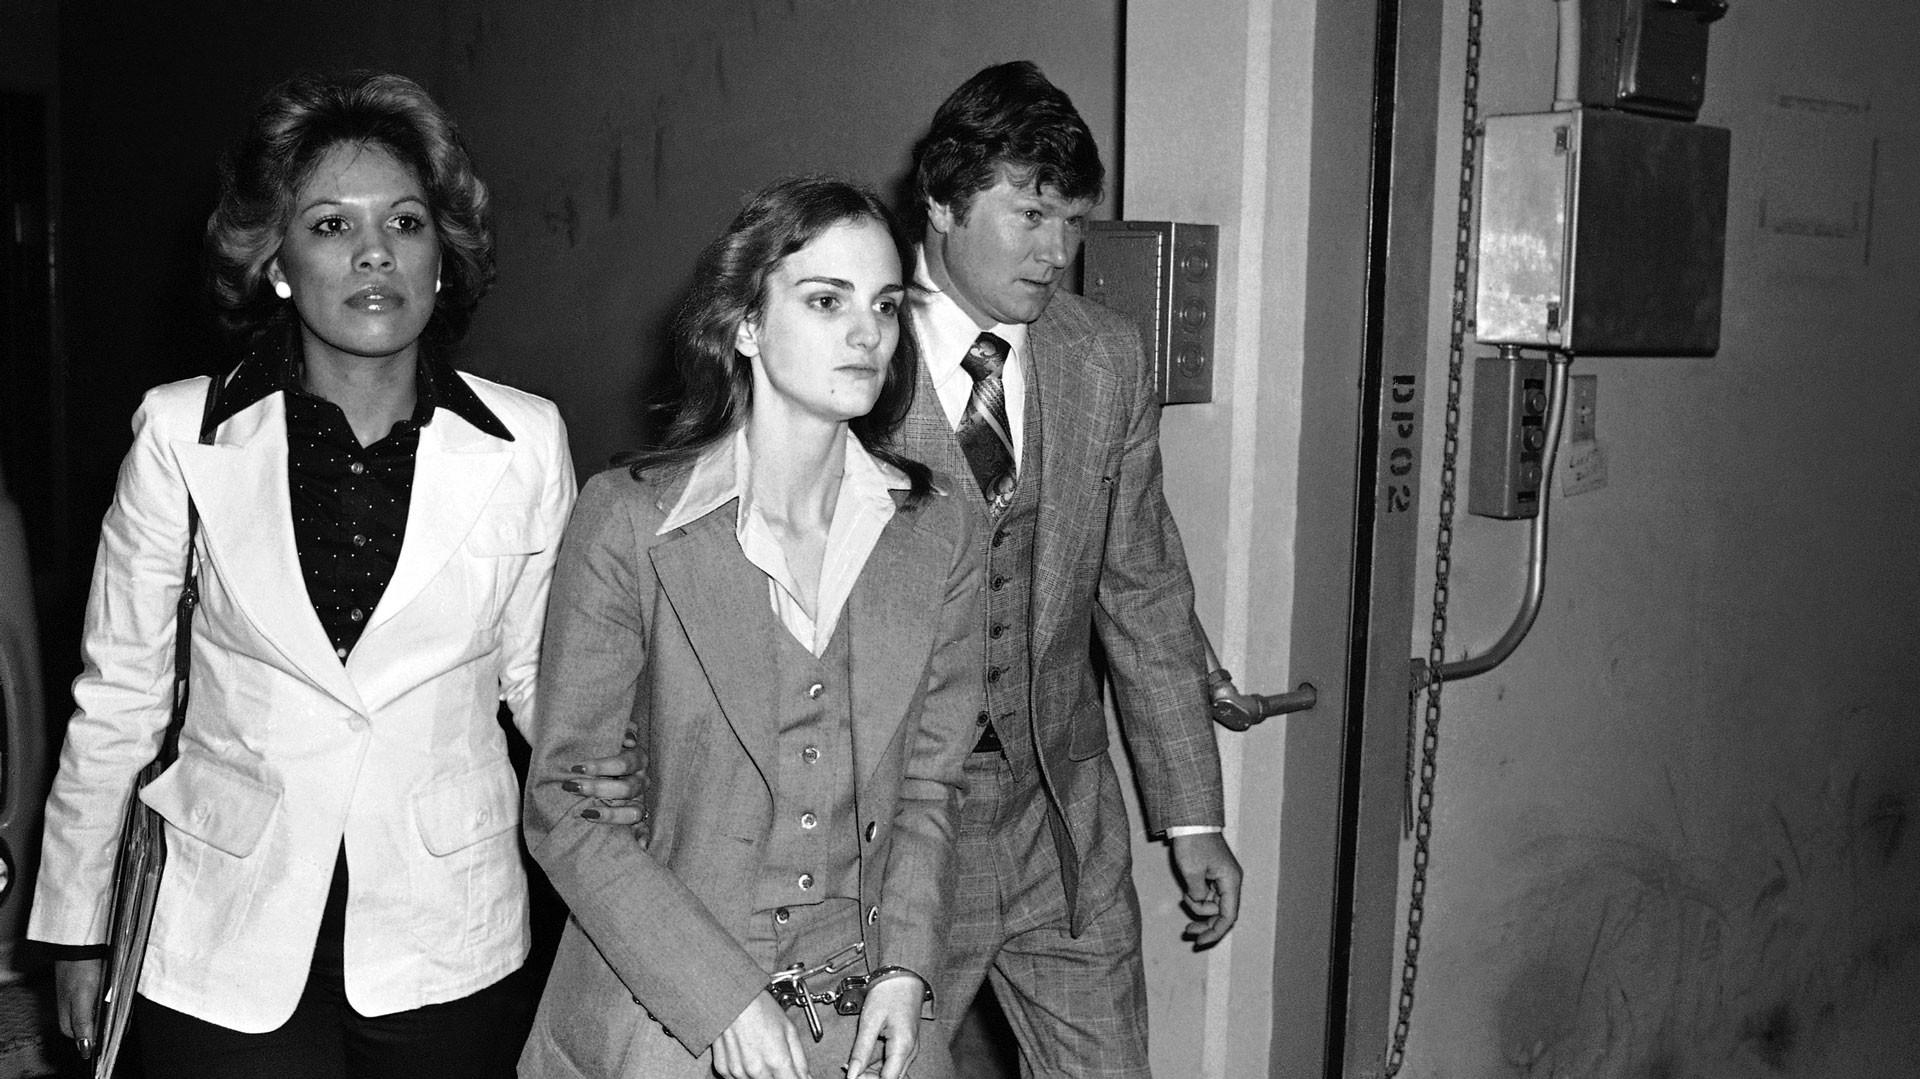 Патти Херст покидает федеральное здание в Сан-Франциско после вынесения приговора по обвинению в ограблении банка, 12 апреля 1976 года. Фото: © AP Photo